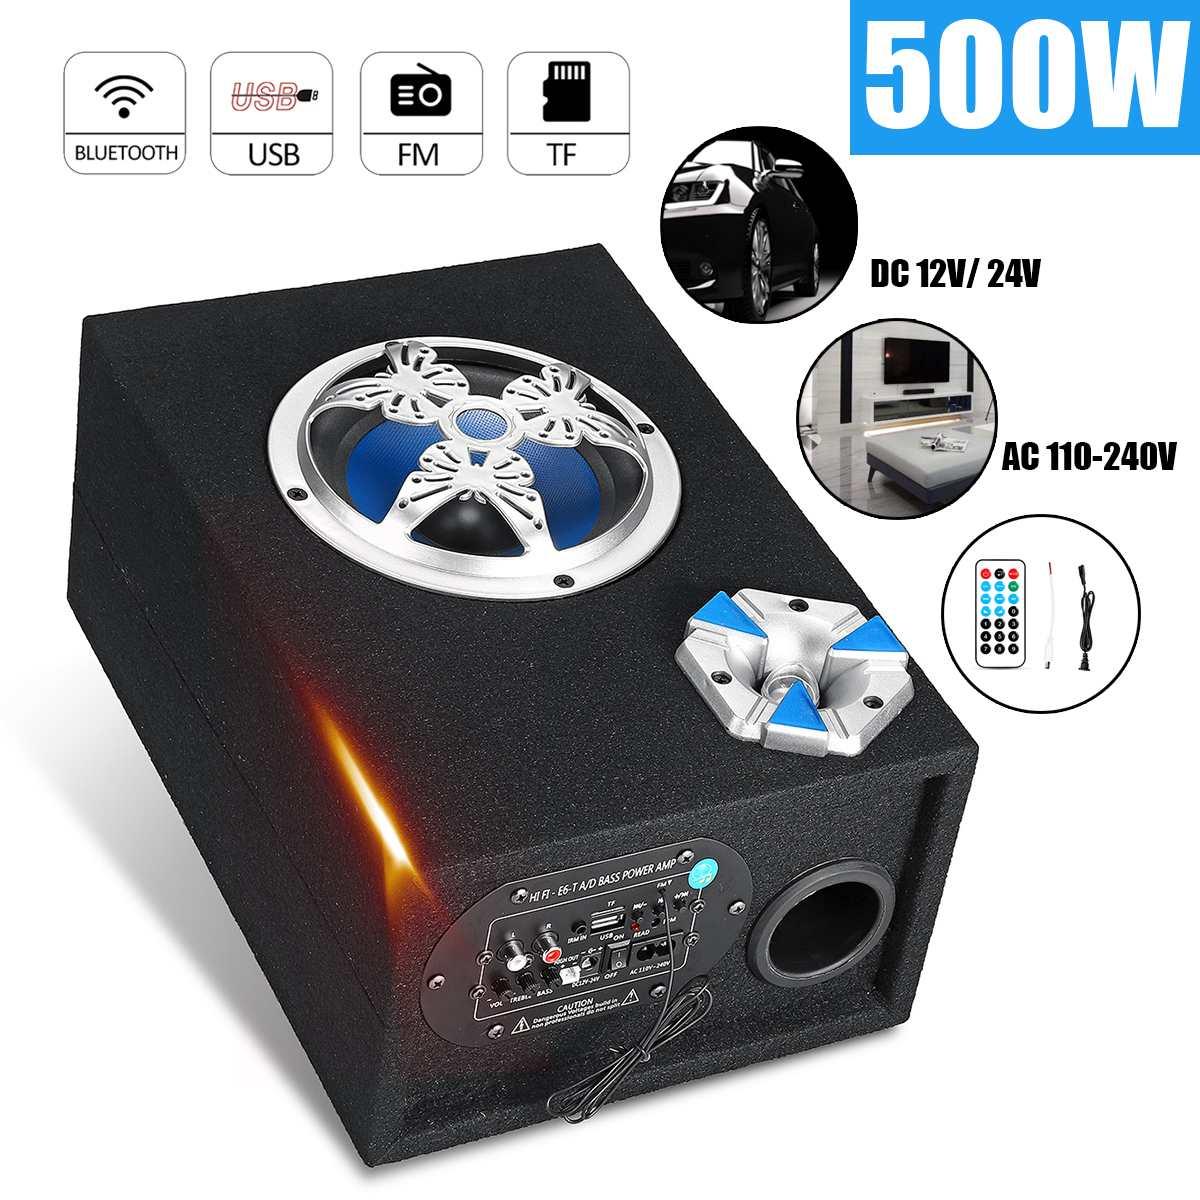 6 ''500 W voiture Subwoofer haut-parleur en bois sous-siège voiture actif Subwoofer stéréo basse Audio musique amplificateur bluetooth haut-parleur maison